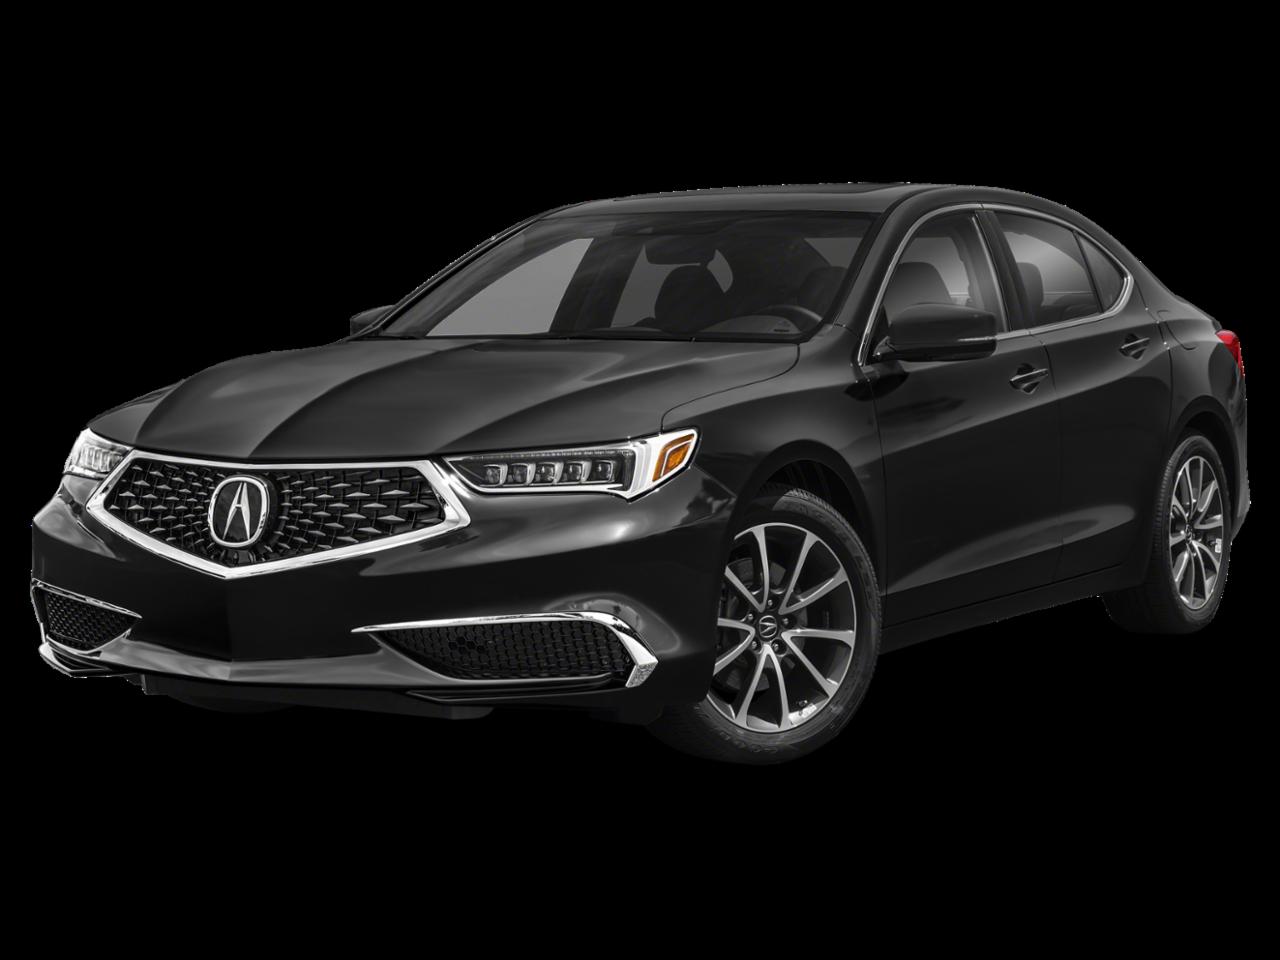 Acura 2020 TLX 3.5L SH-AWD